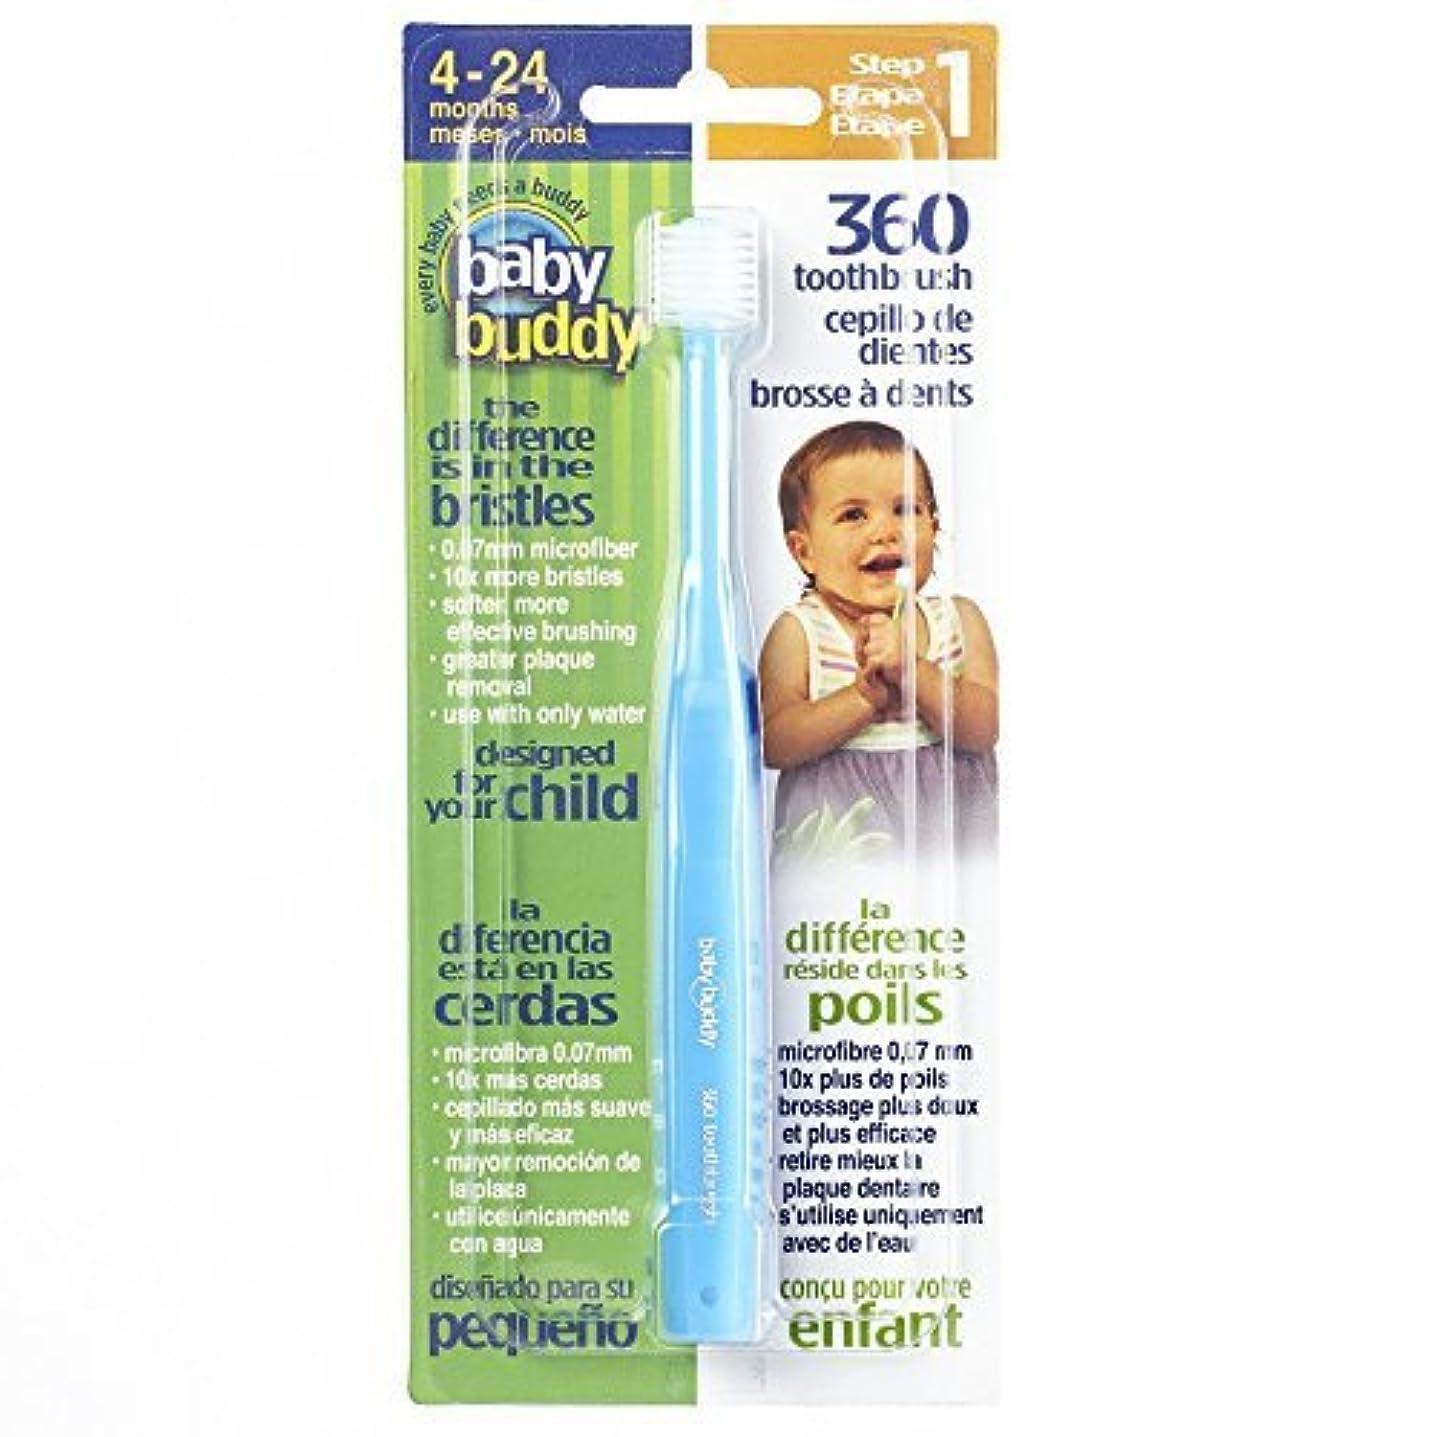 スワップ賢明なジャンピングジャックBaby Buddy 360 Toothbrush Step 1, Blue by Baby Buddy [並行輸入品]